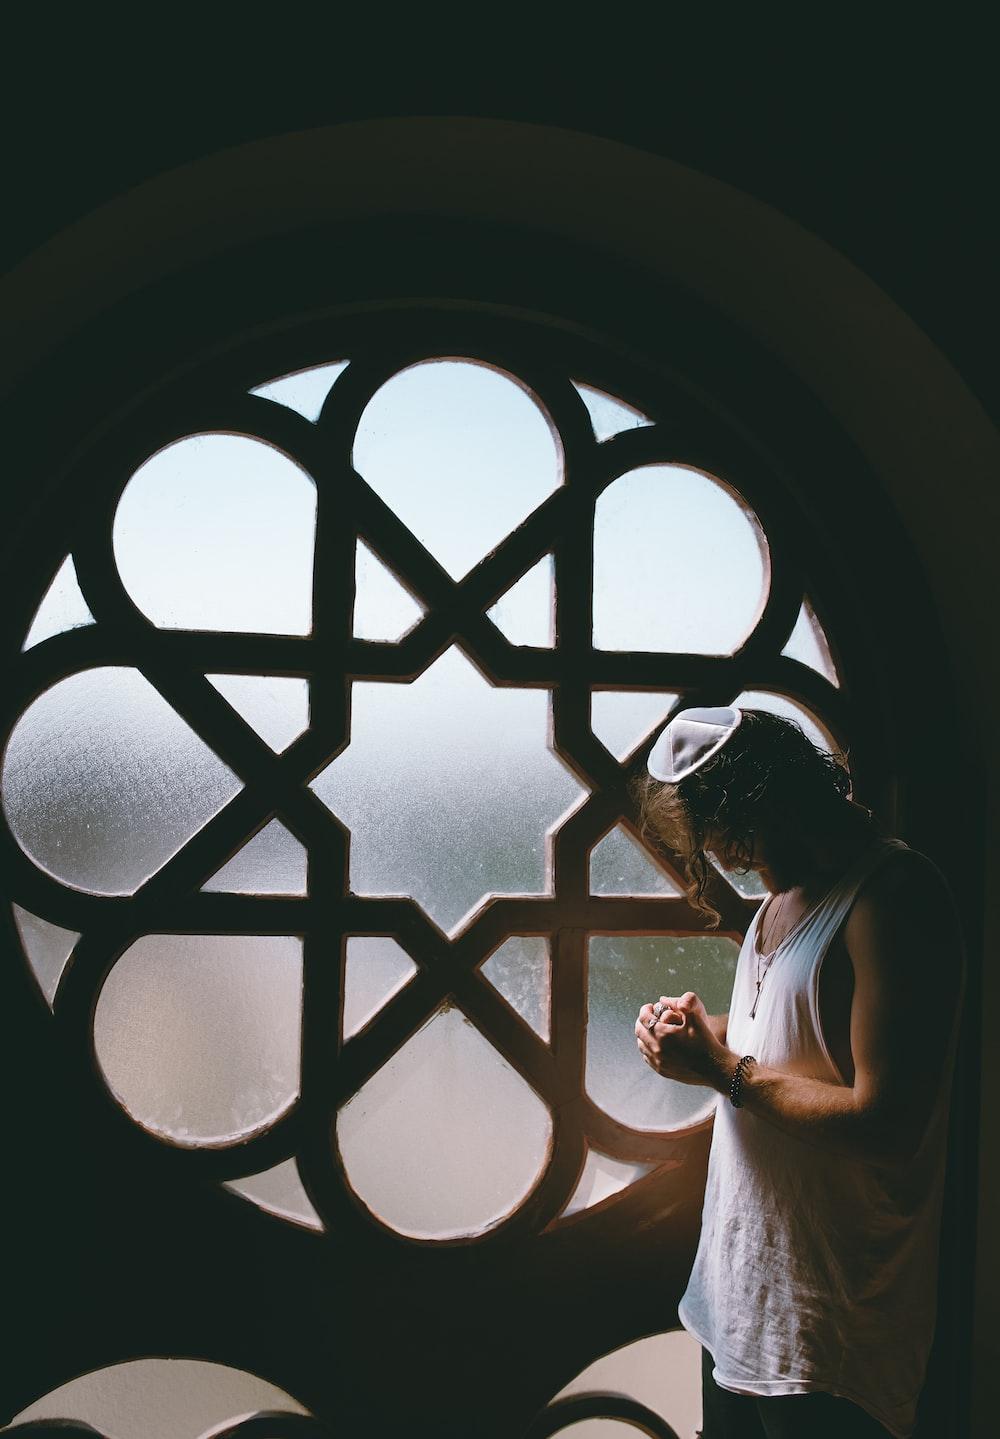 man in white tank top beside glass window